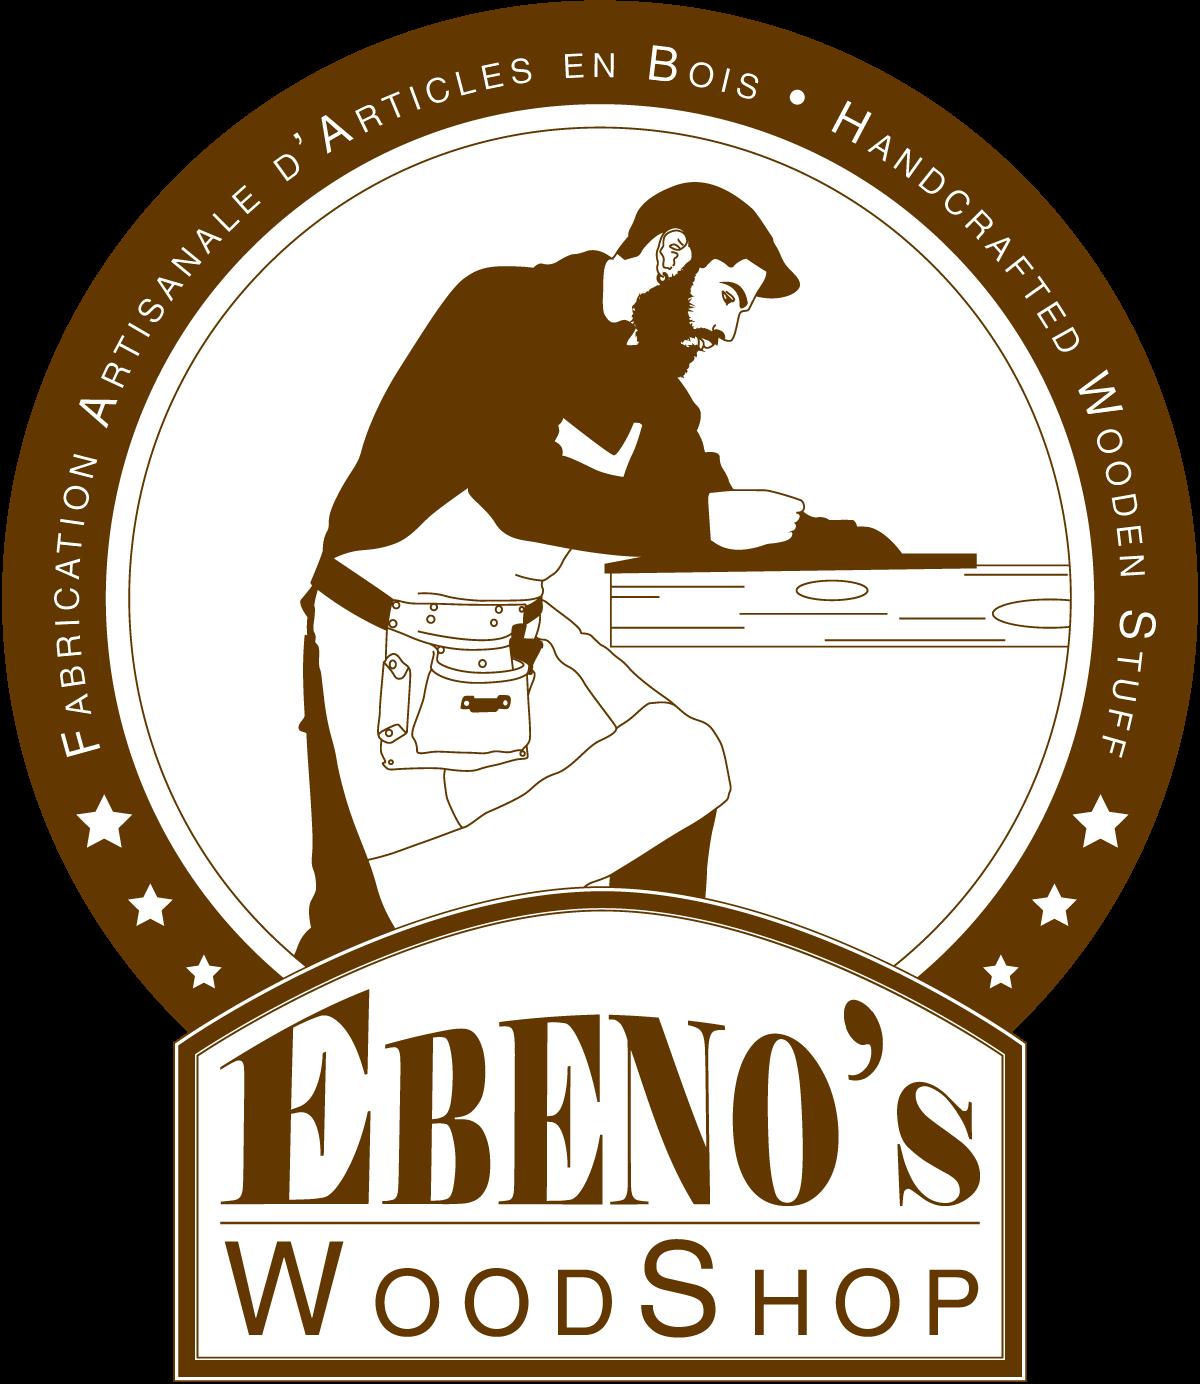 Ebeno's WoodShop